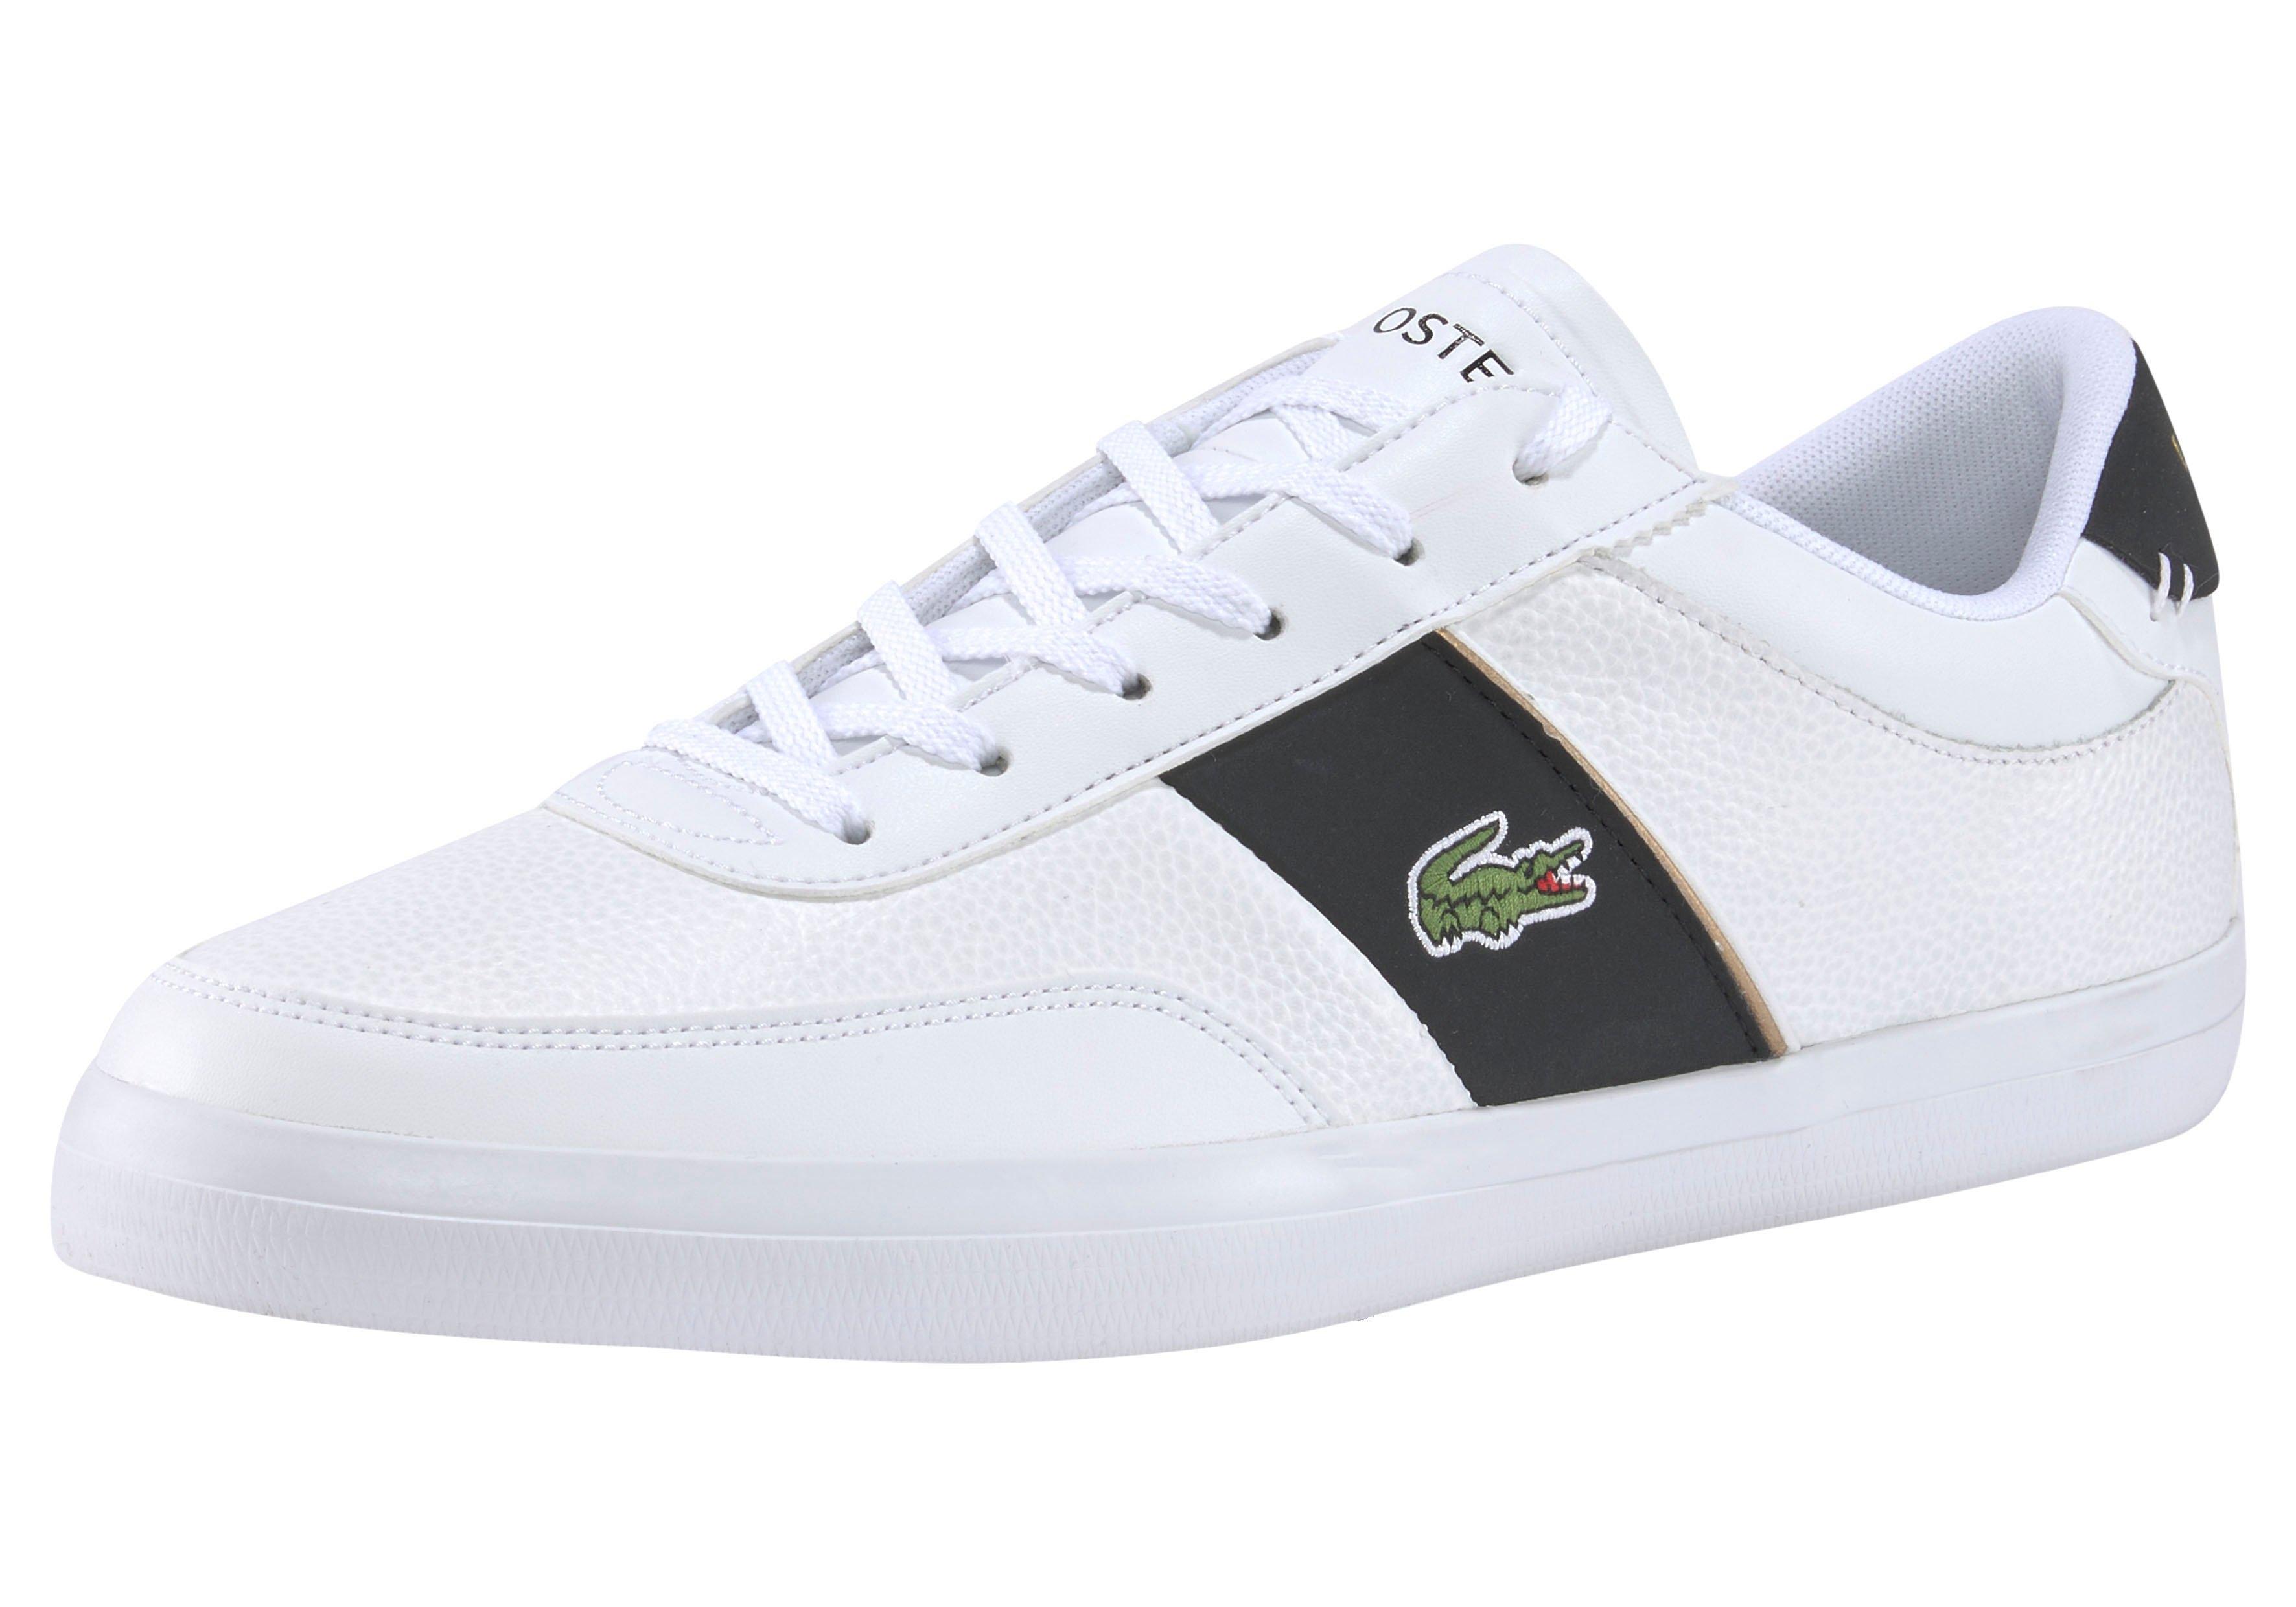 Lacoste sneakers COURT-MASTER 0721 1 CMA goedkoop op otto.nl kopen